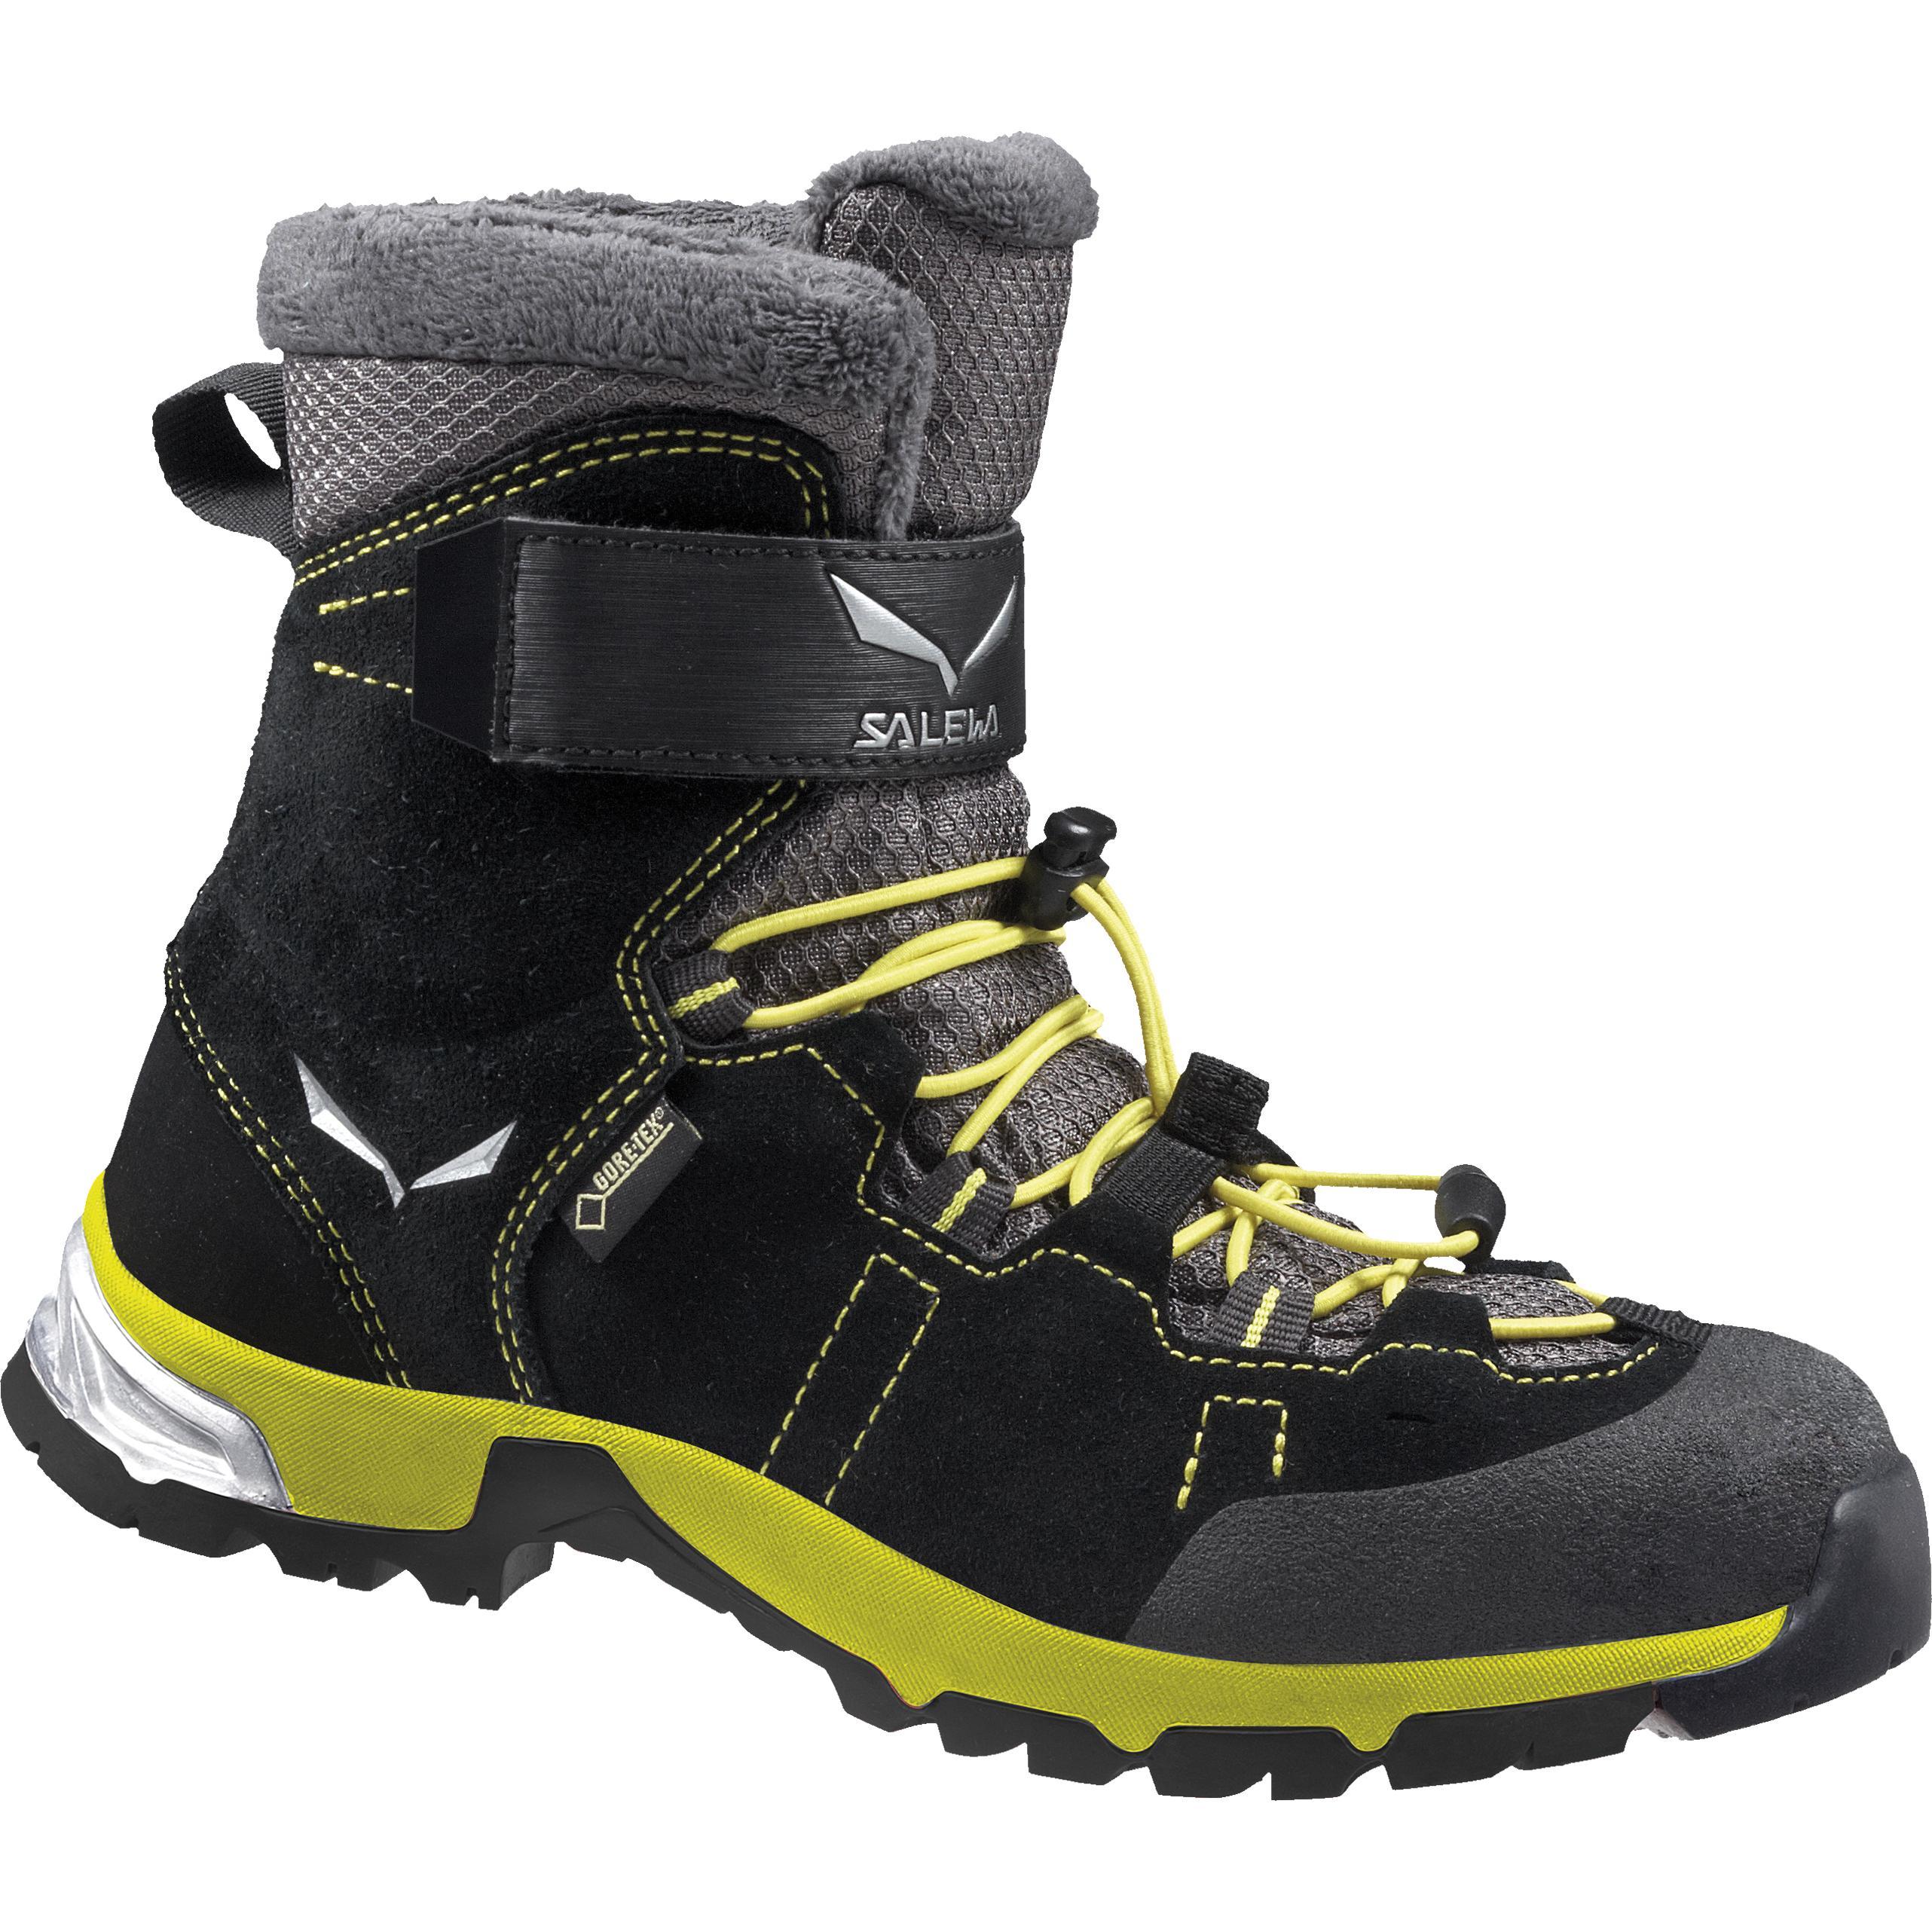 Купить Ботинки городские (высокие) Salewa 2017-18 JR SNOWCAP GTX Black/Yellow, Обувь для города, 1205785